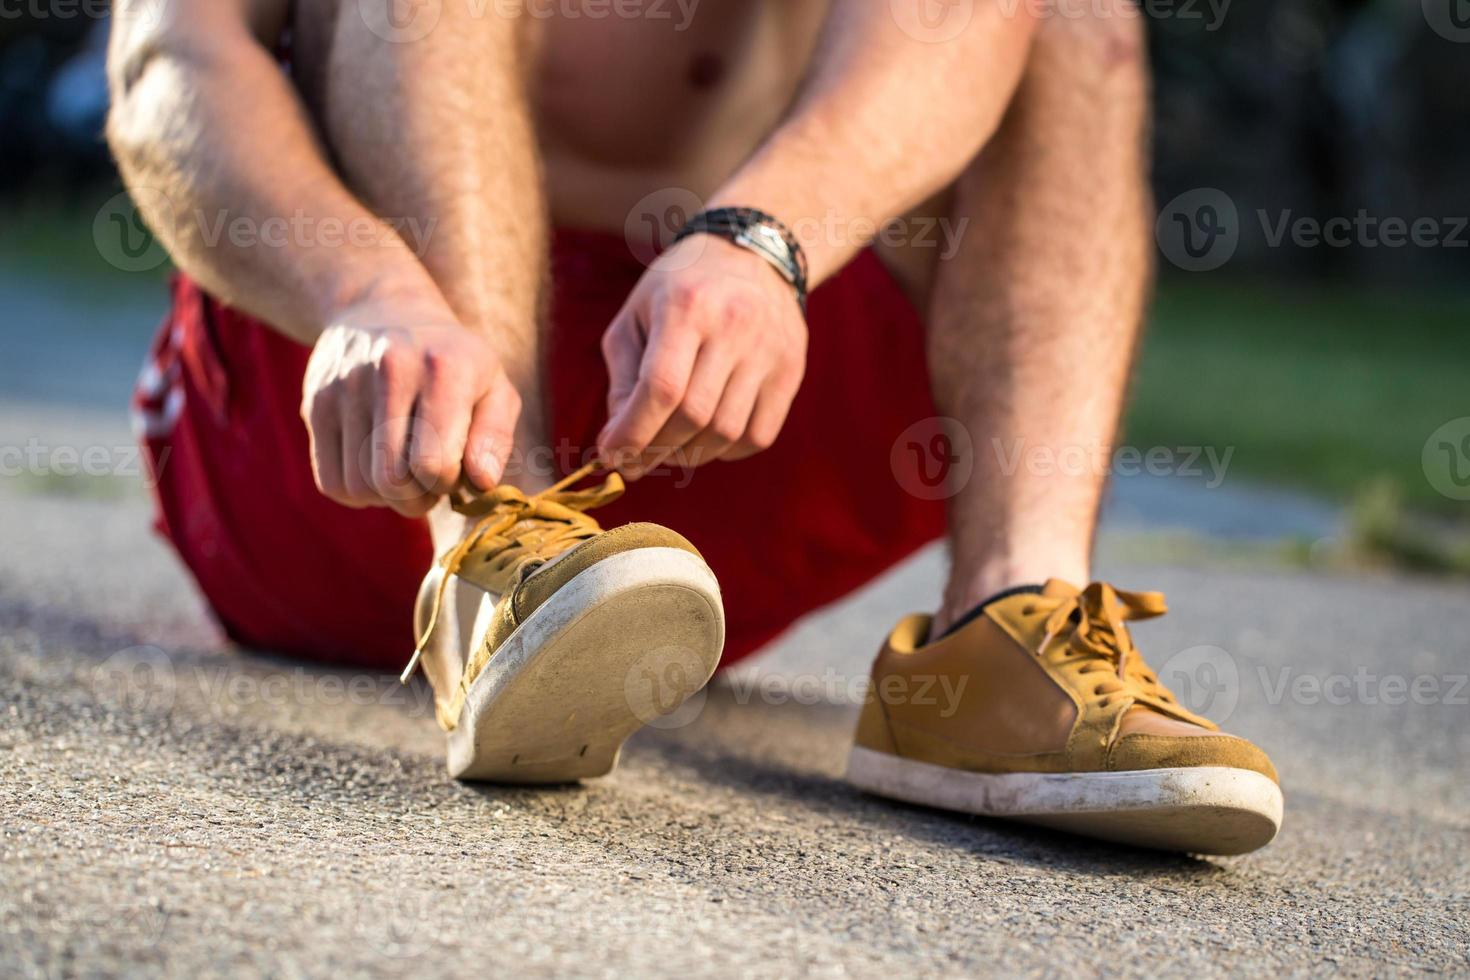 corredor amarrando sapatos foto